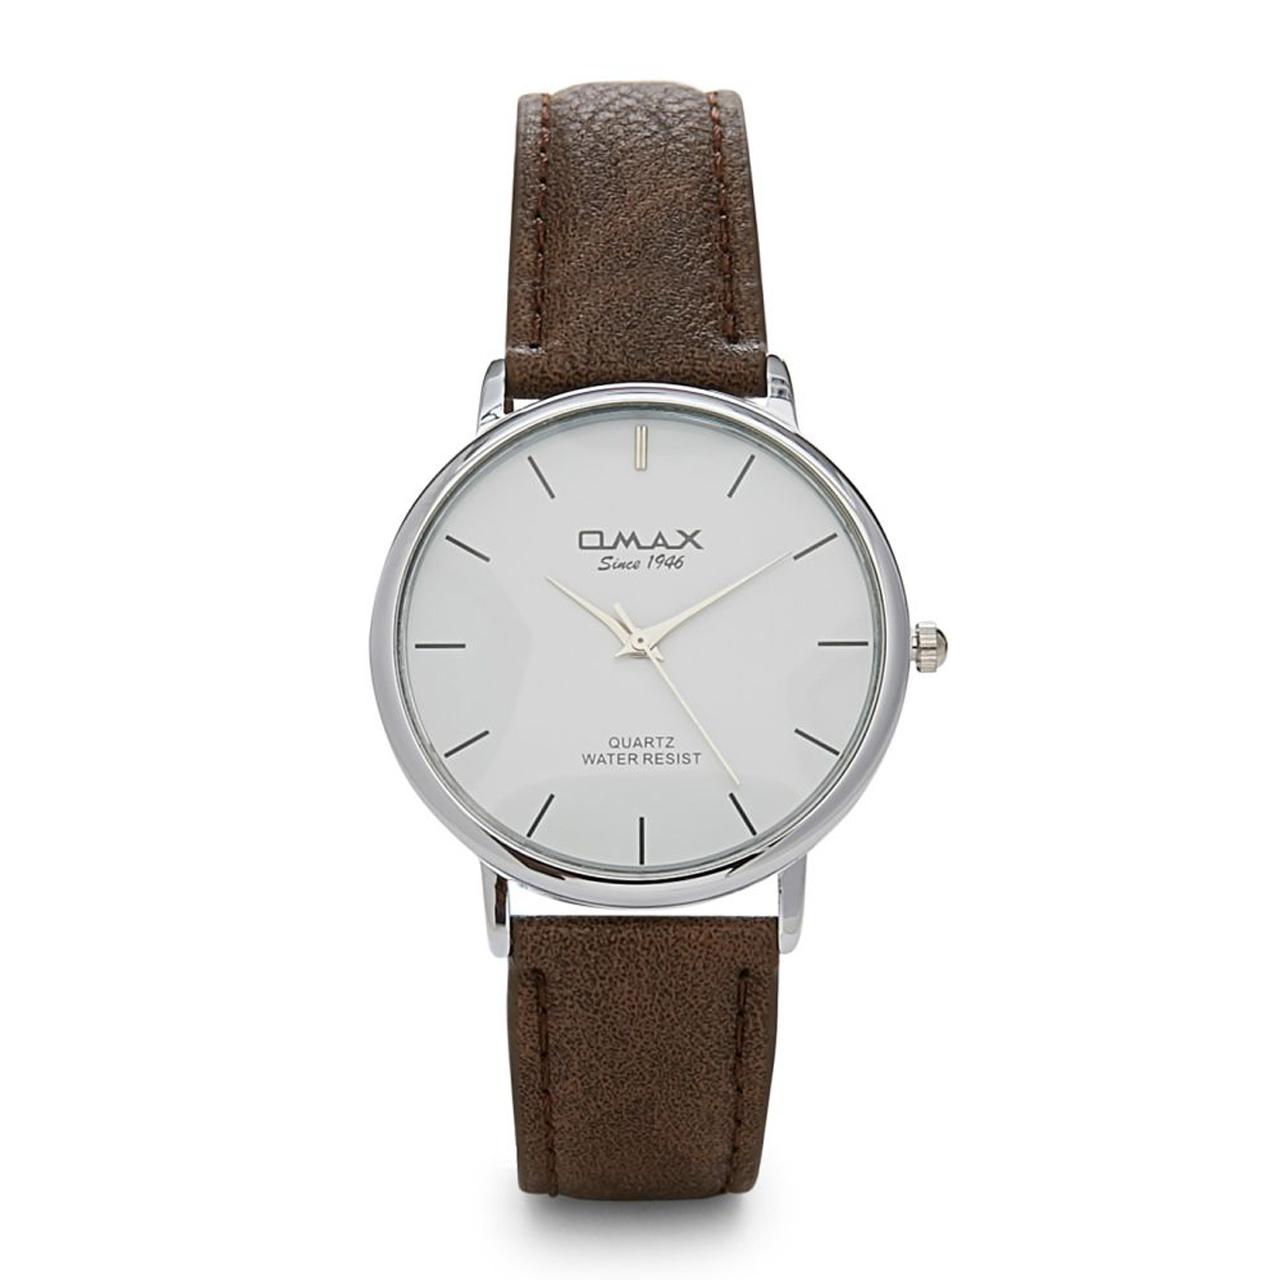 ساعت مچی عقربه ای مردانه اوماکس مدل 00SC7491IQ63 به همراه دستمال مخصوص برند کلین واچ